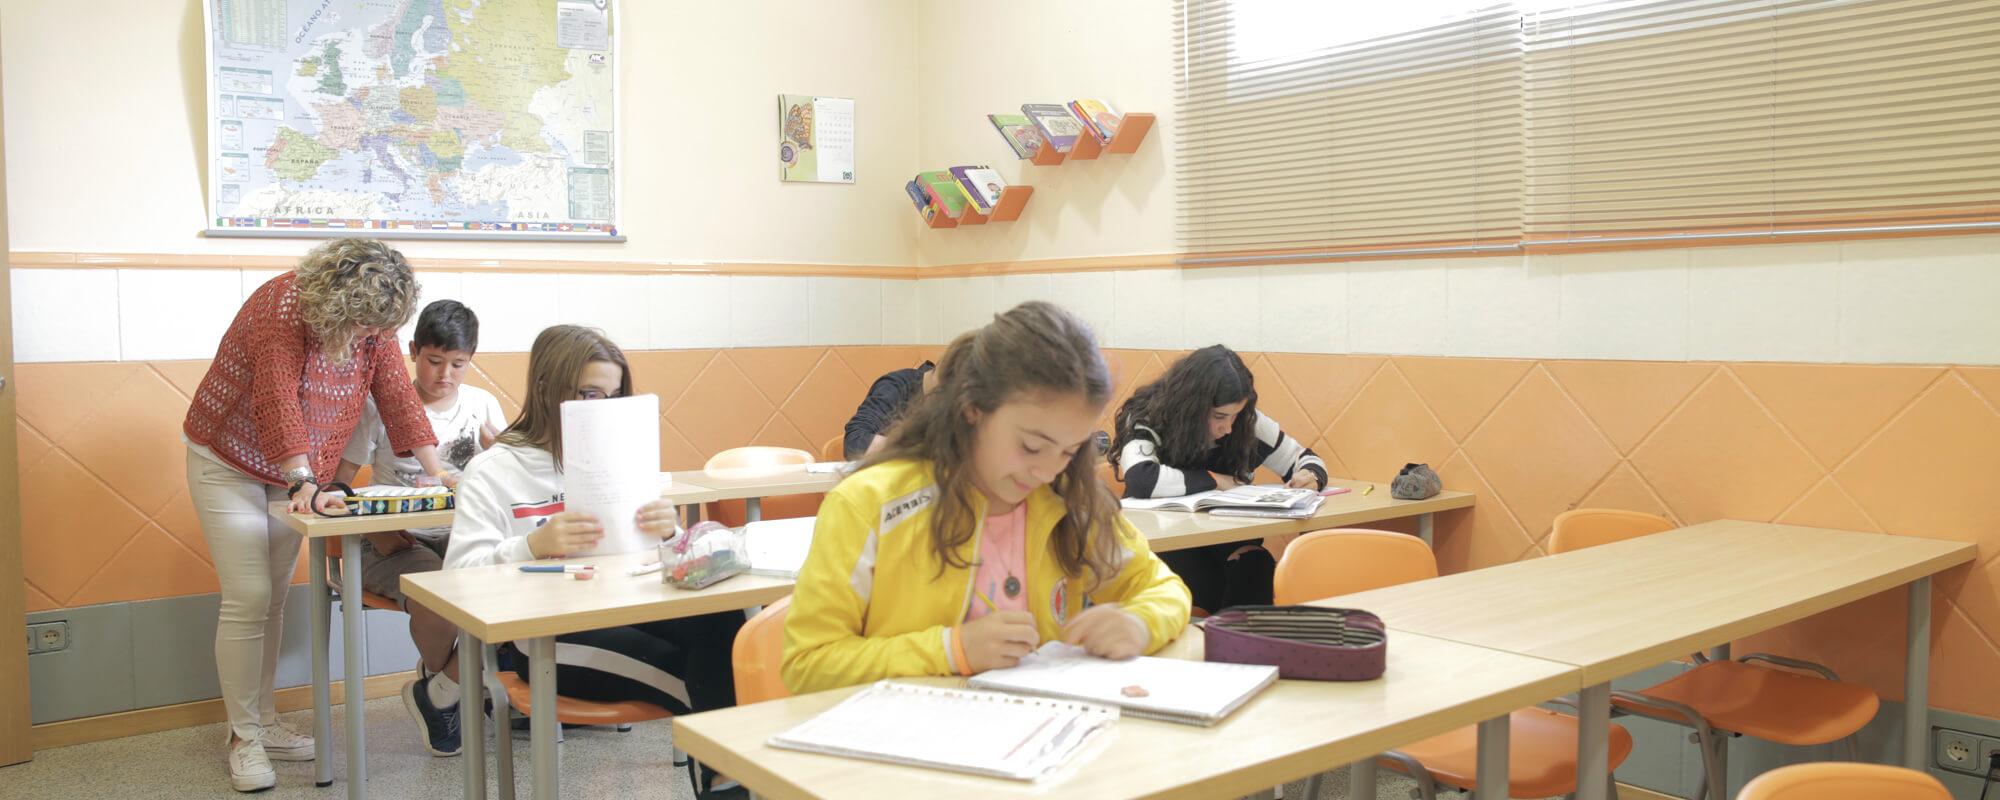 Aulas de estudio supervisadas en Navarrete